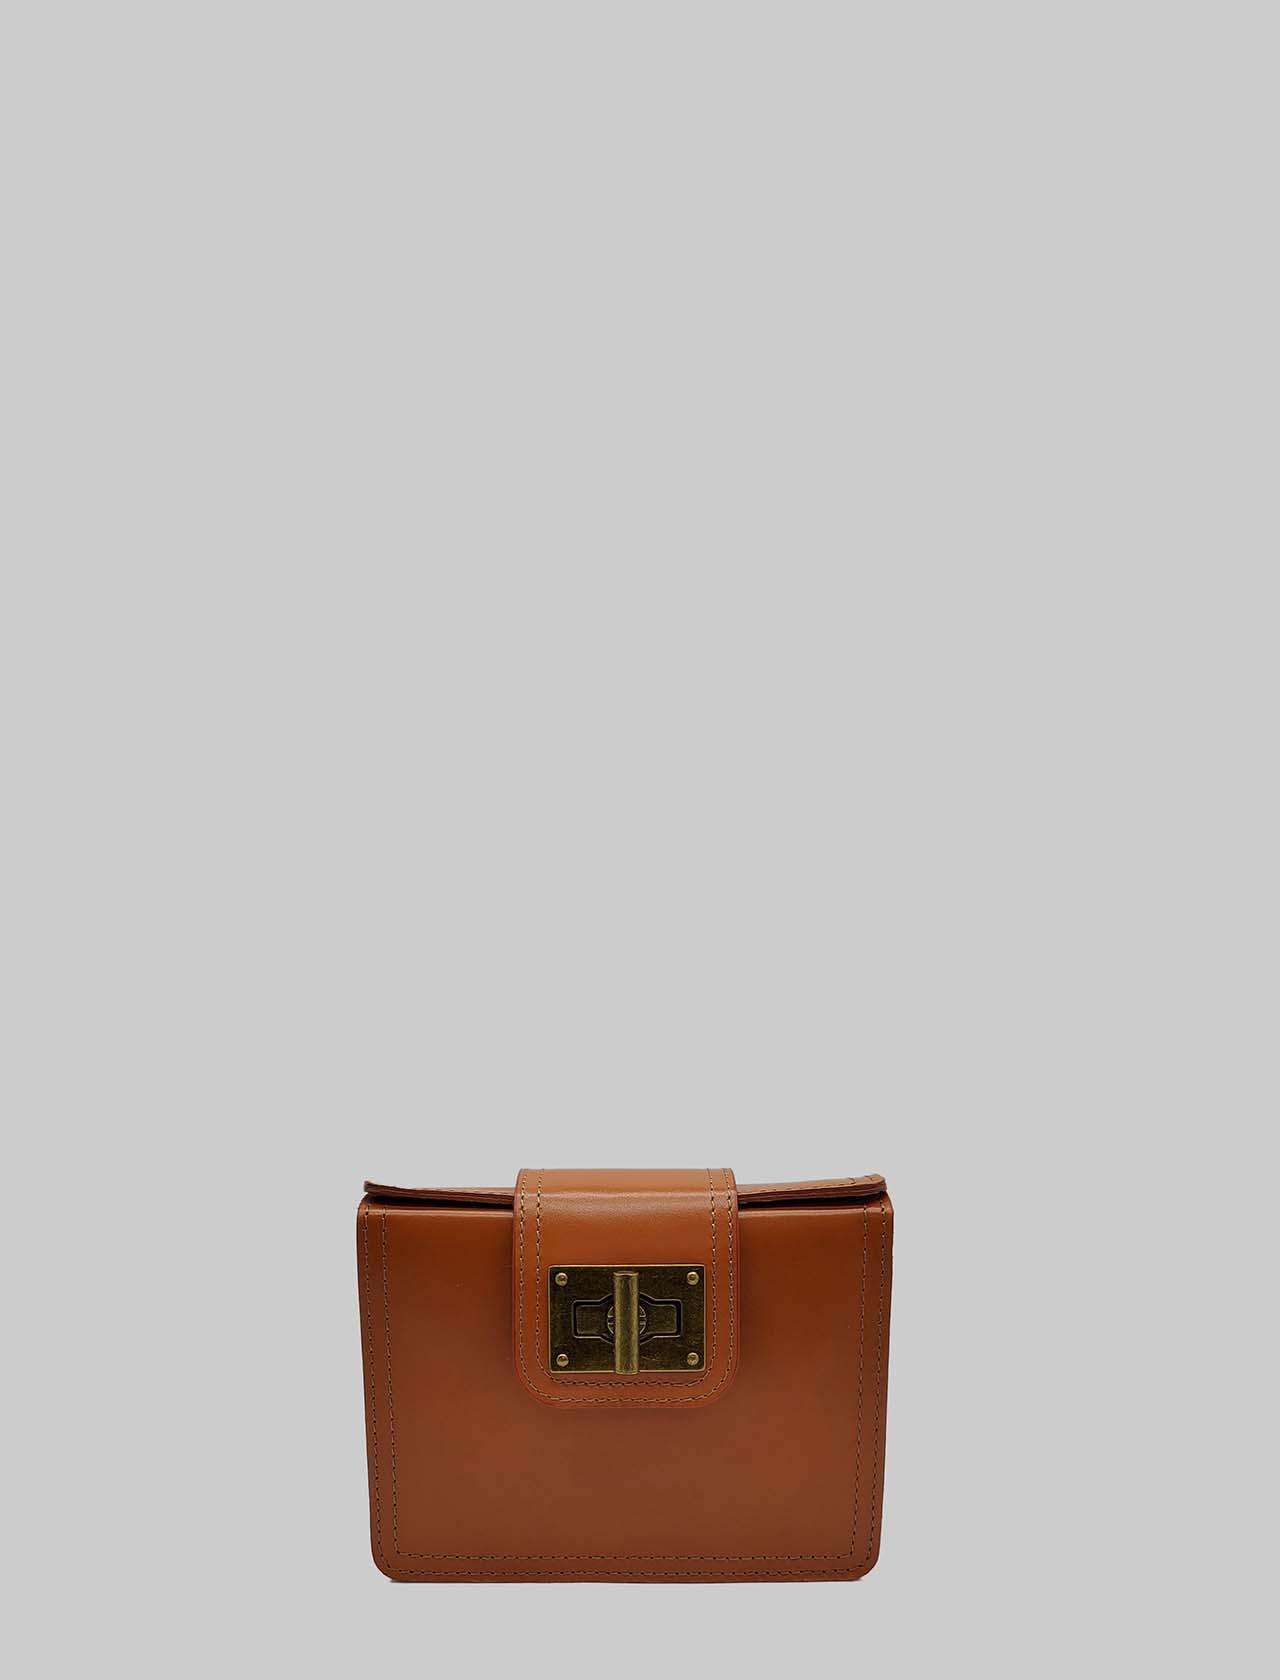 Borsa Donna Clutch Piccola in Pelle Arancio con Tracolla Regolabile in Tinta Spatarella   Borse e zaini   PE0204010